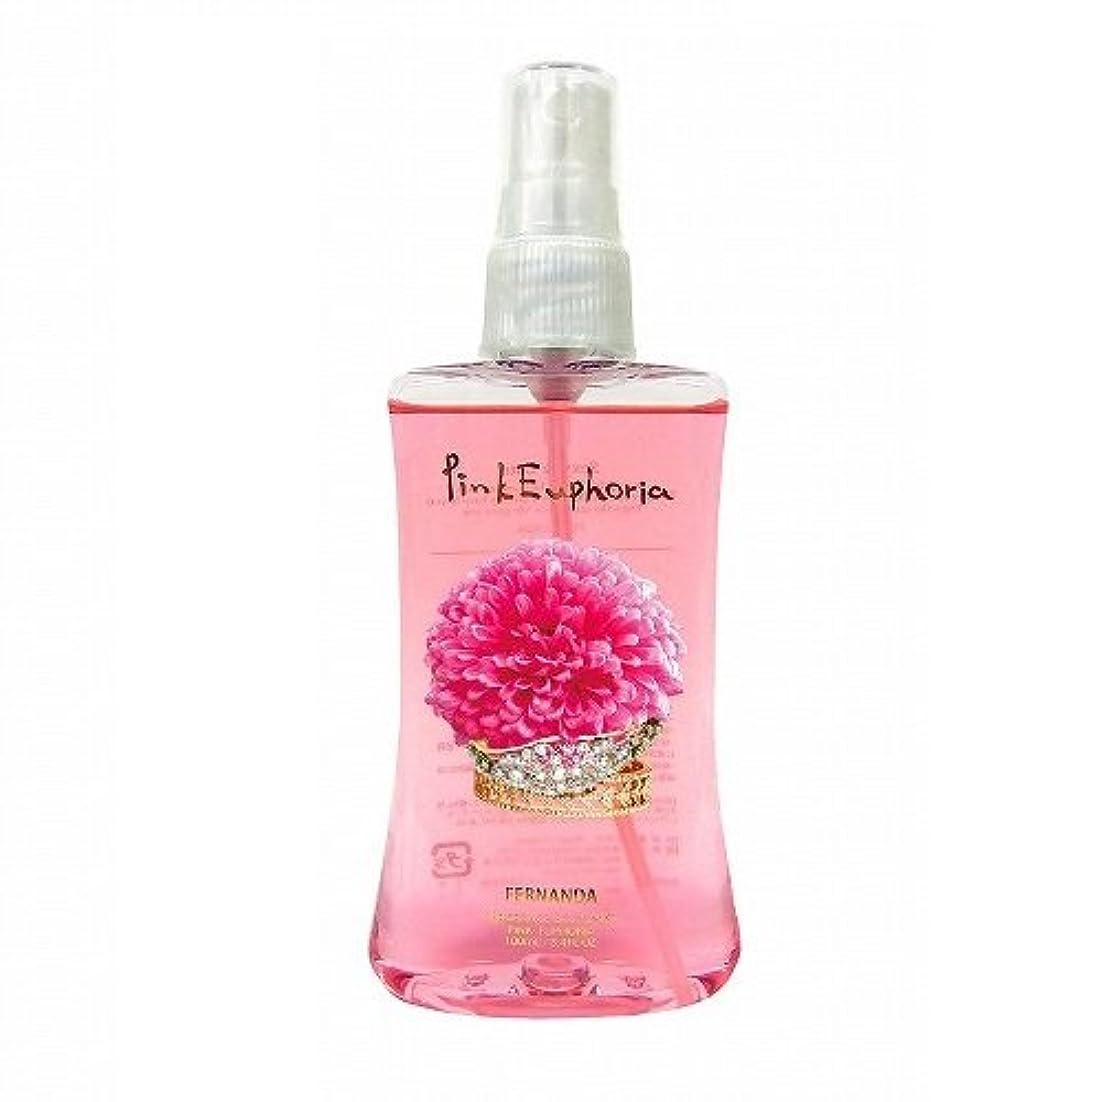 不条理現れる分析的FERNANDA(フェルナンダ) Body Mist Pink Euphoria (ボディミスト ピンクエウフォリア)